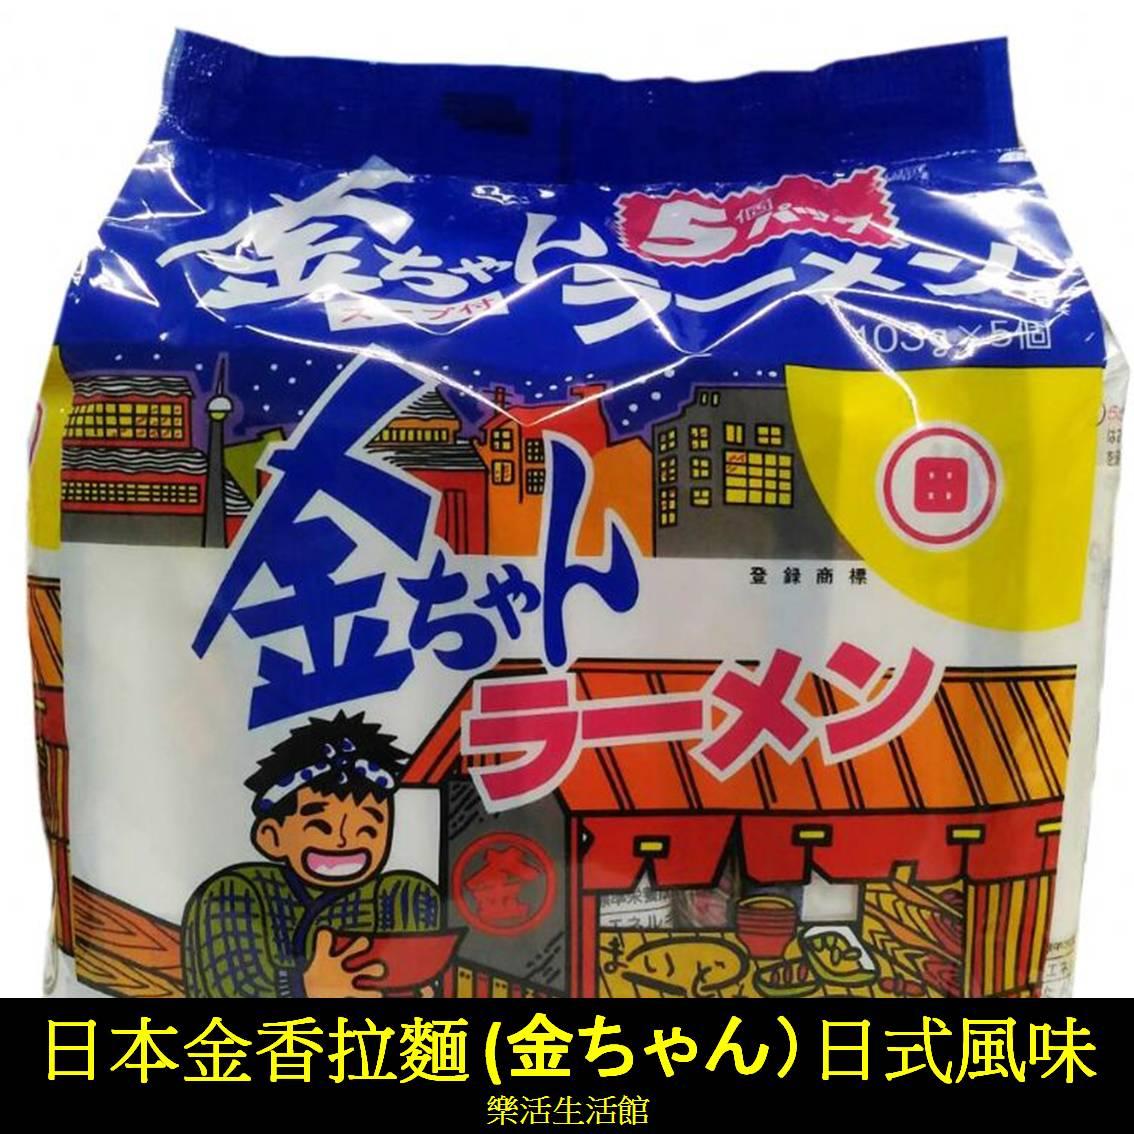 日本 金香拉麵 (金ちゃん)日式風味 * 1 包 【樂活生活館】